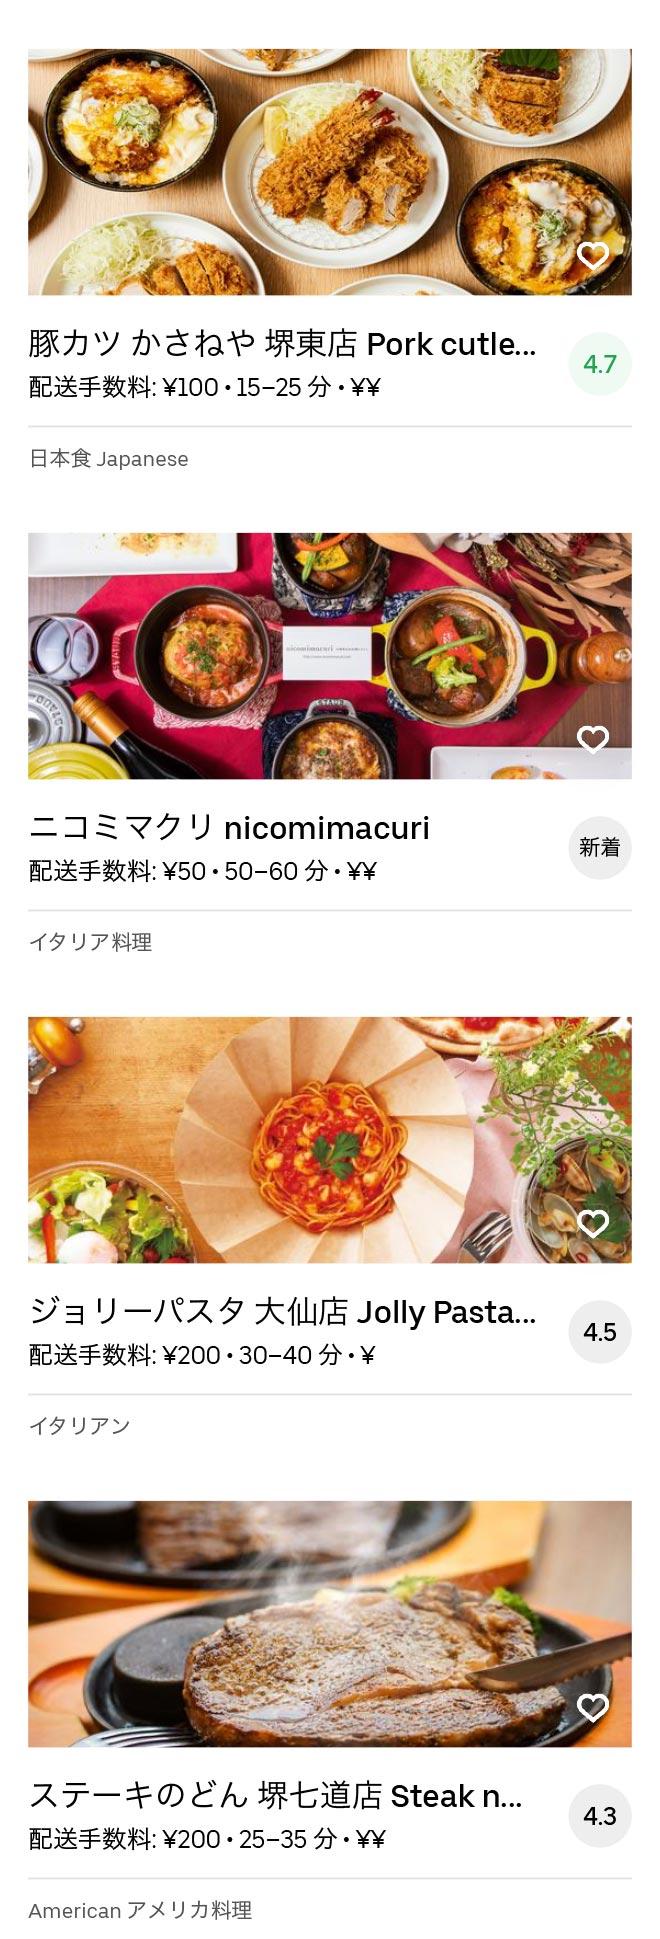 Sakai sakai higashi menu 2005 11